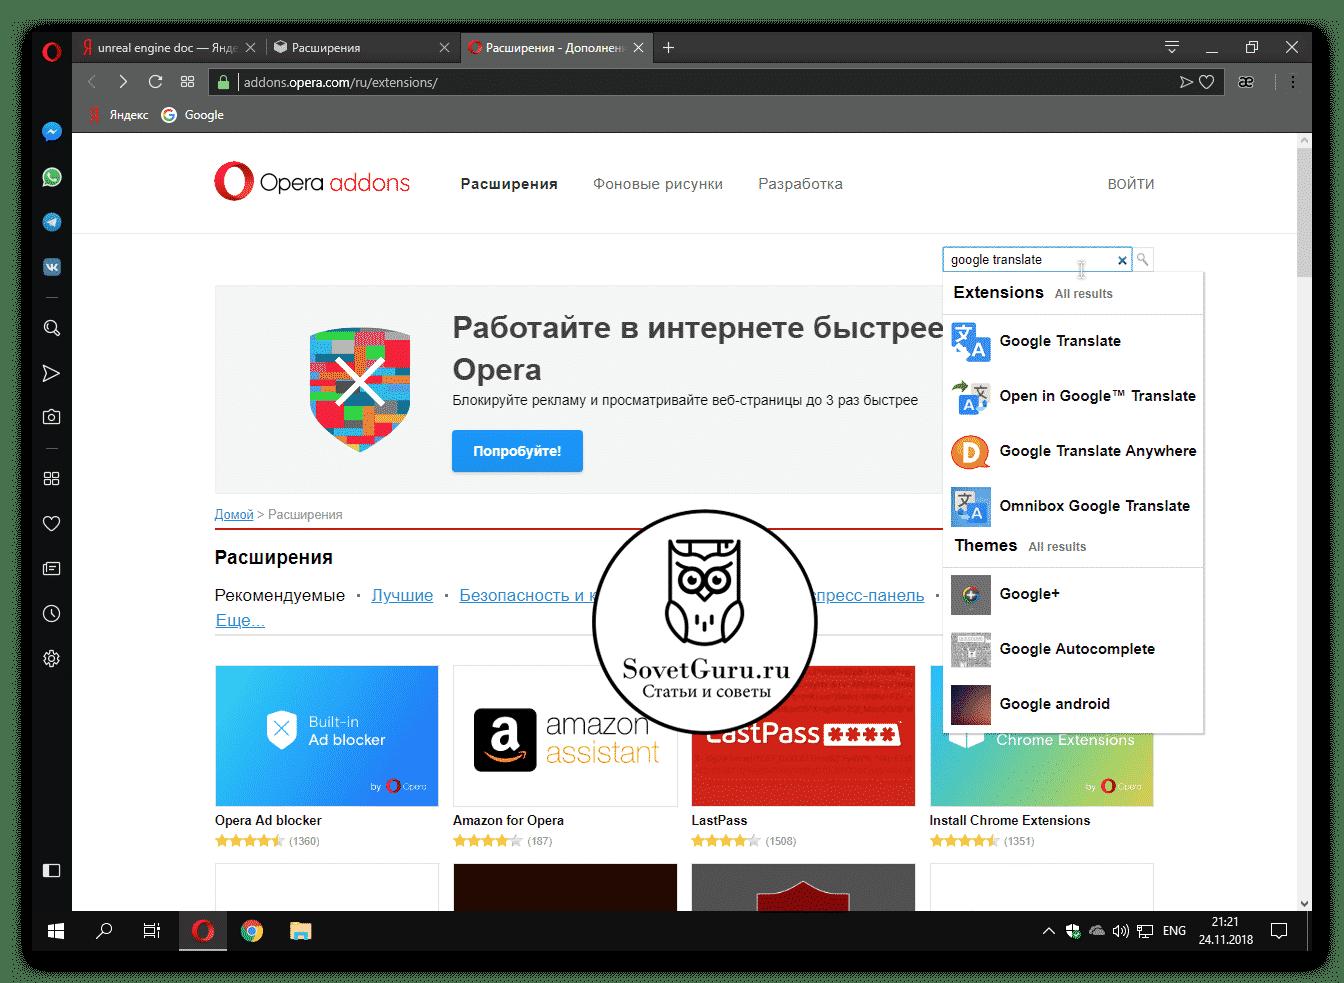 Расширение Google Translate | Как в Опере переводить страницы на русский